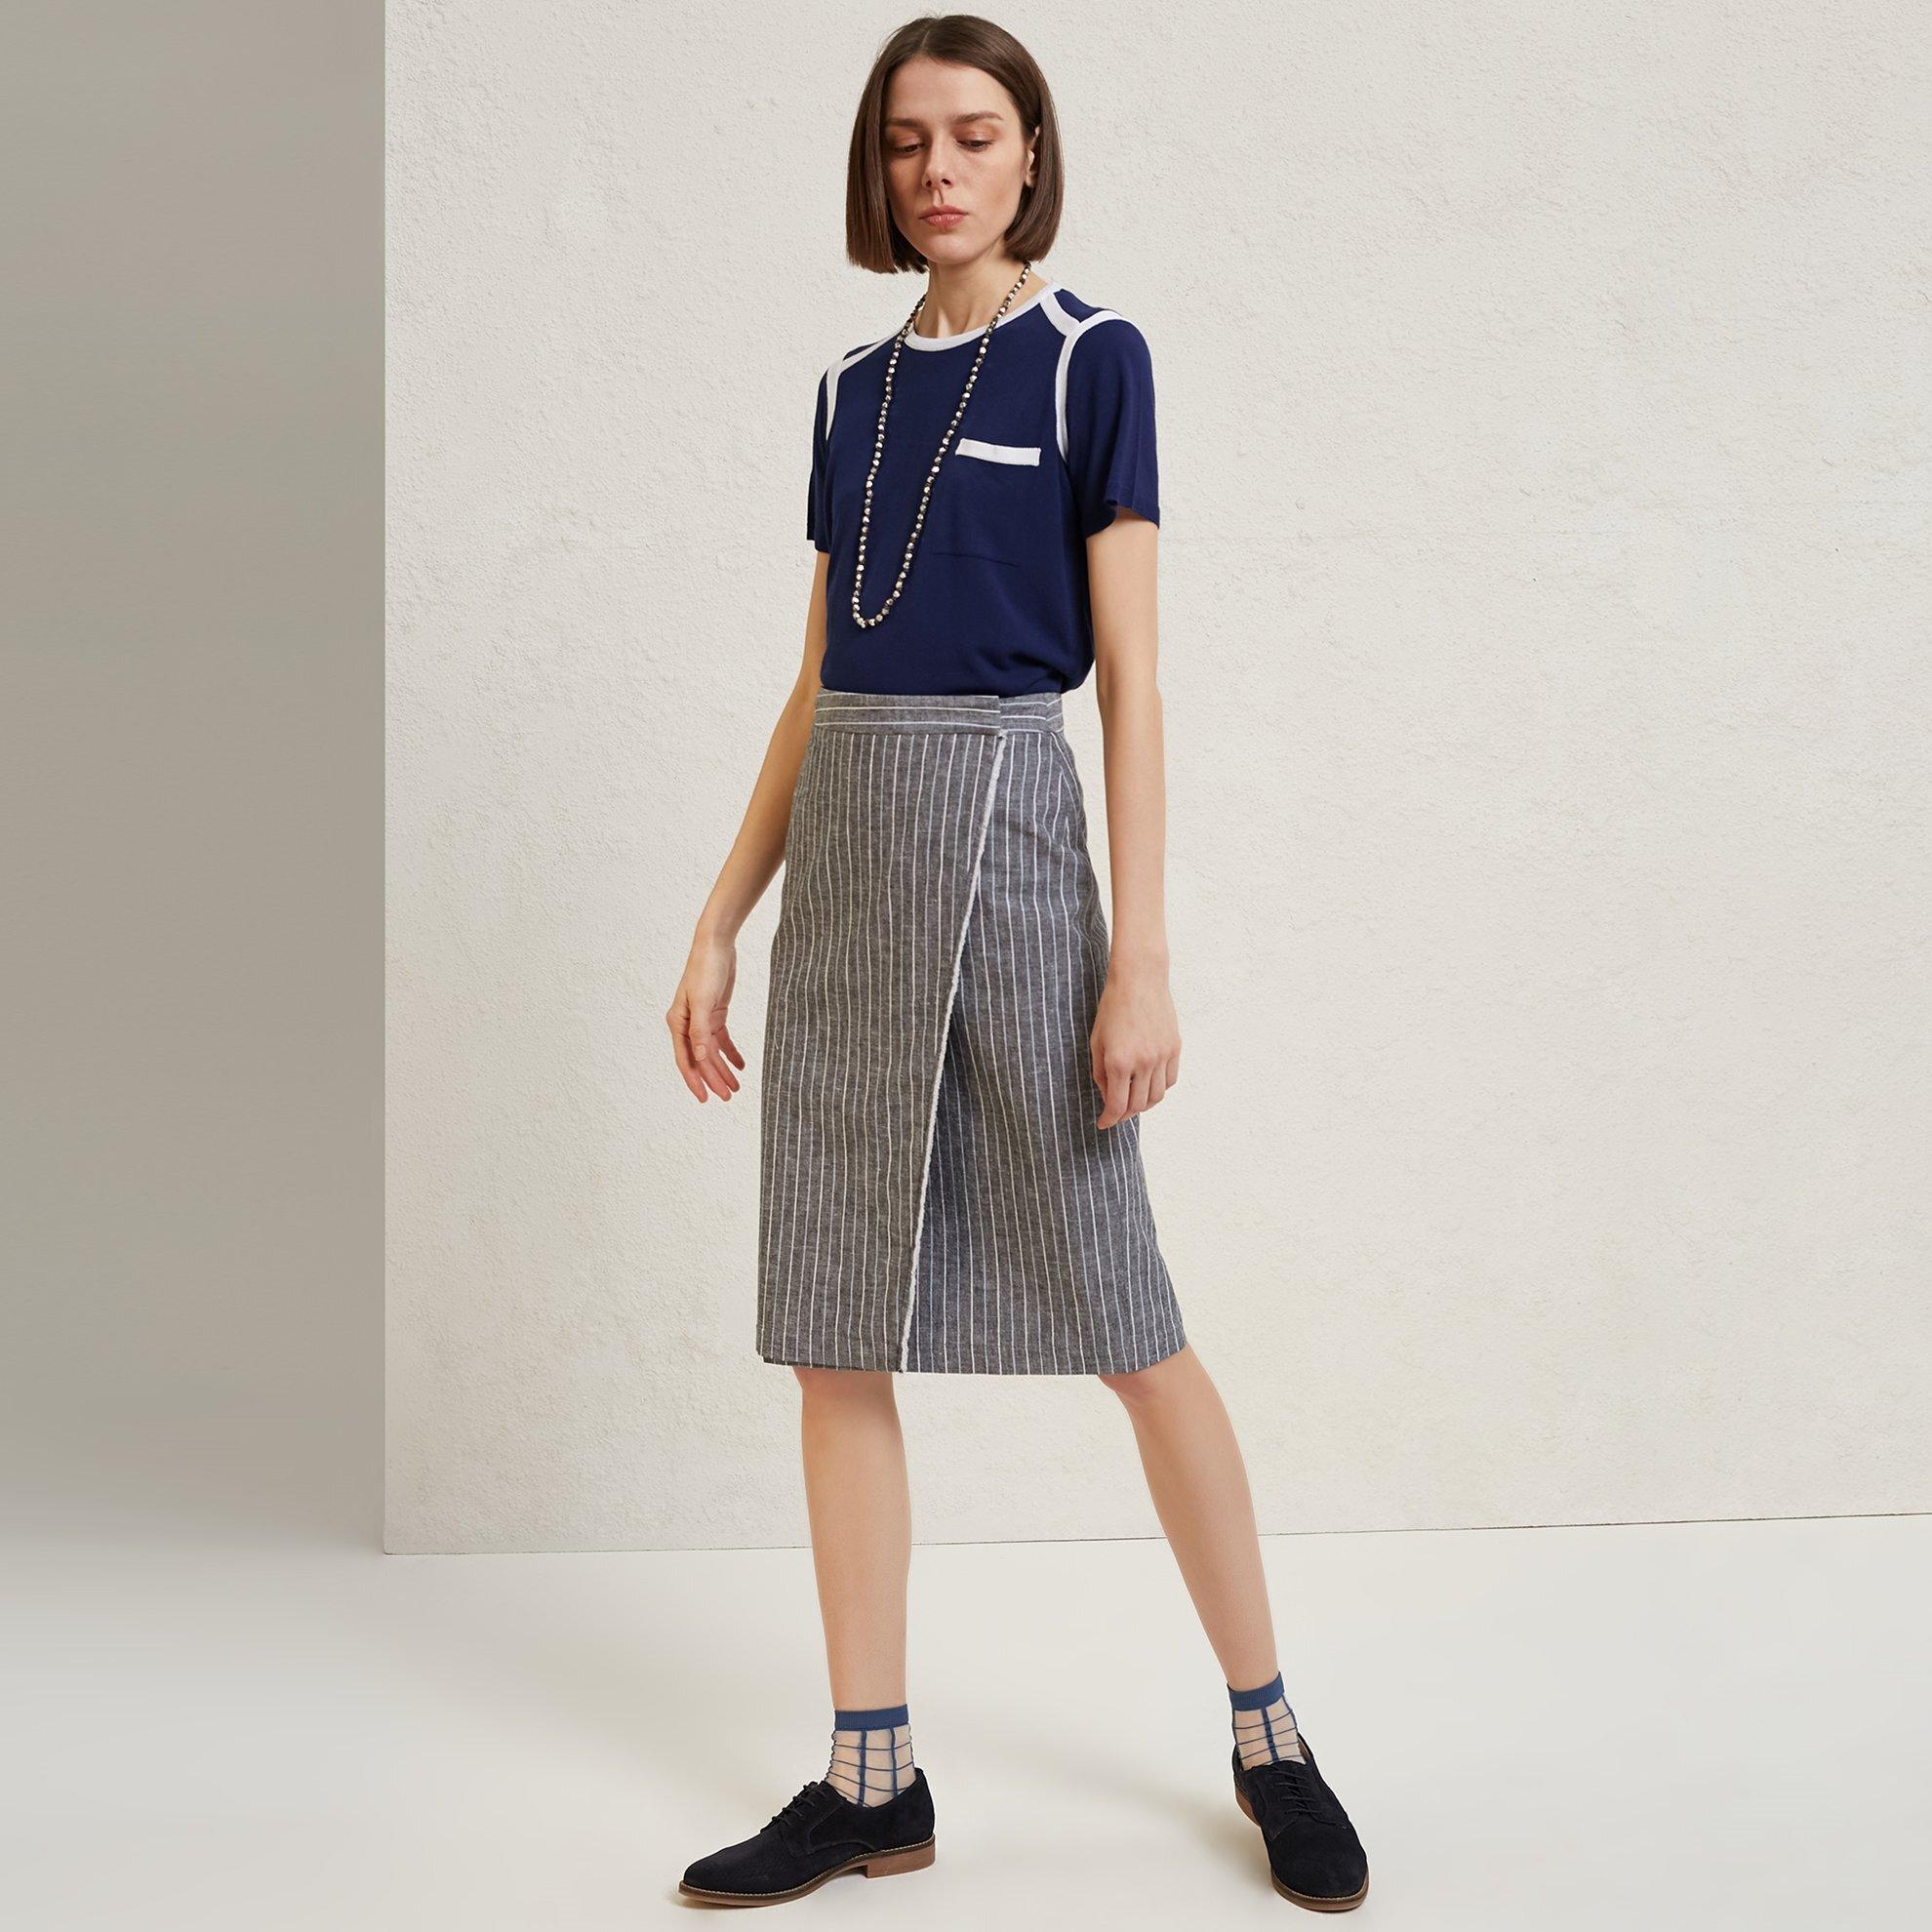 Fringe Detail Skirt